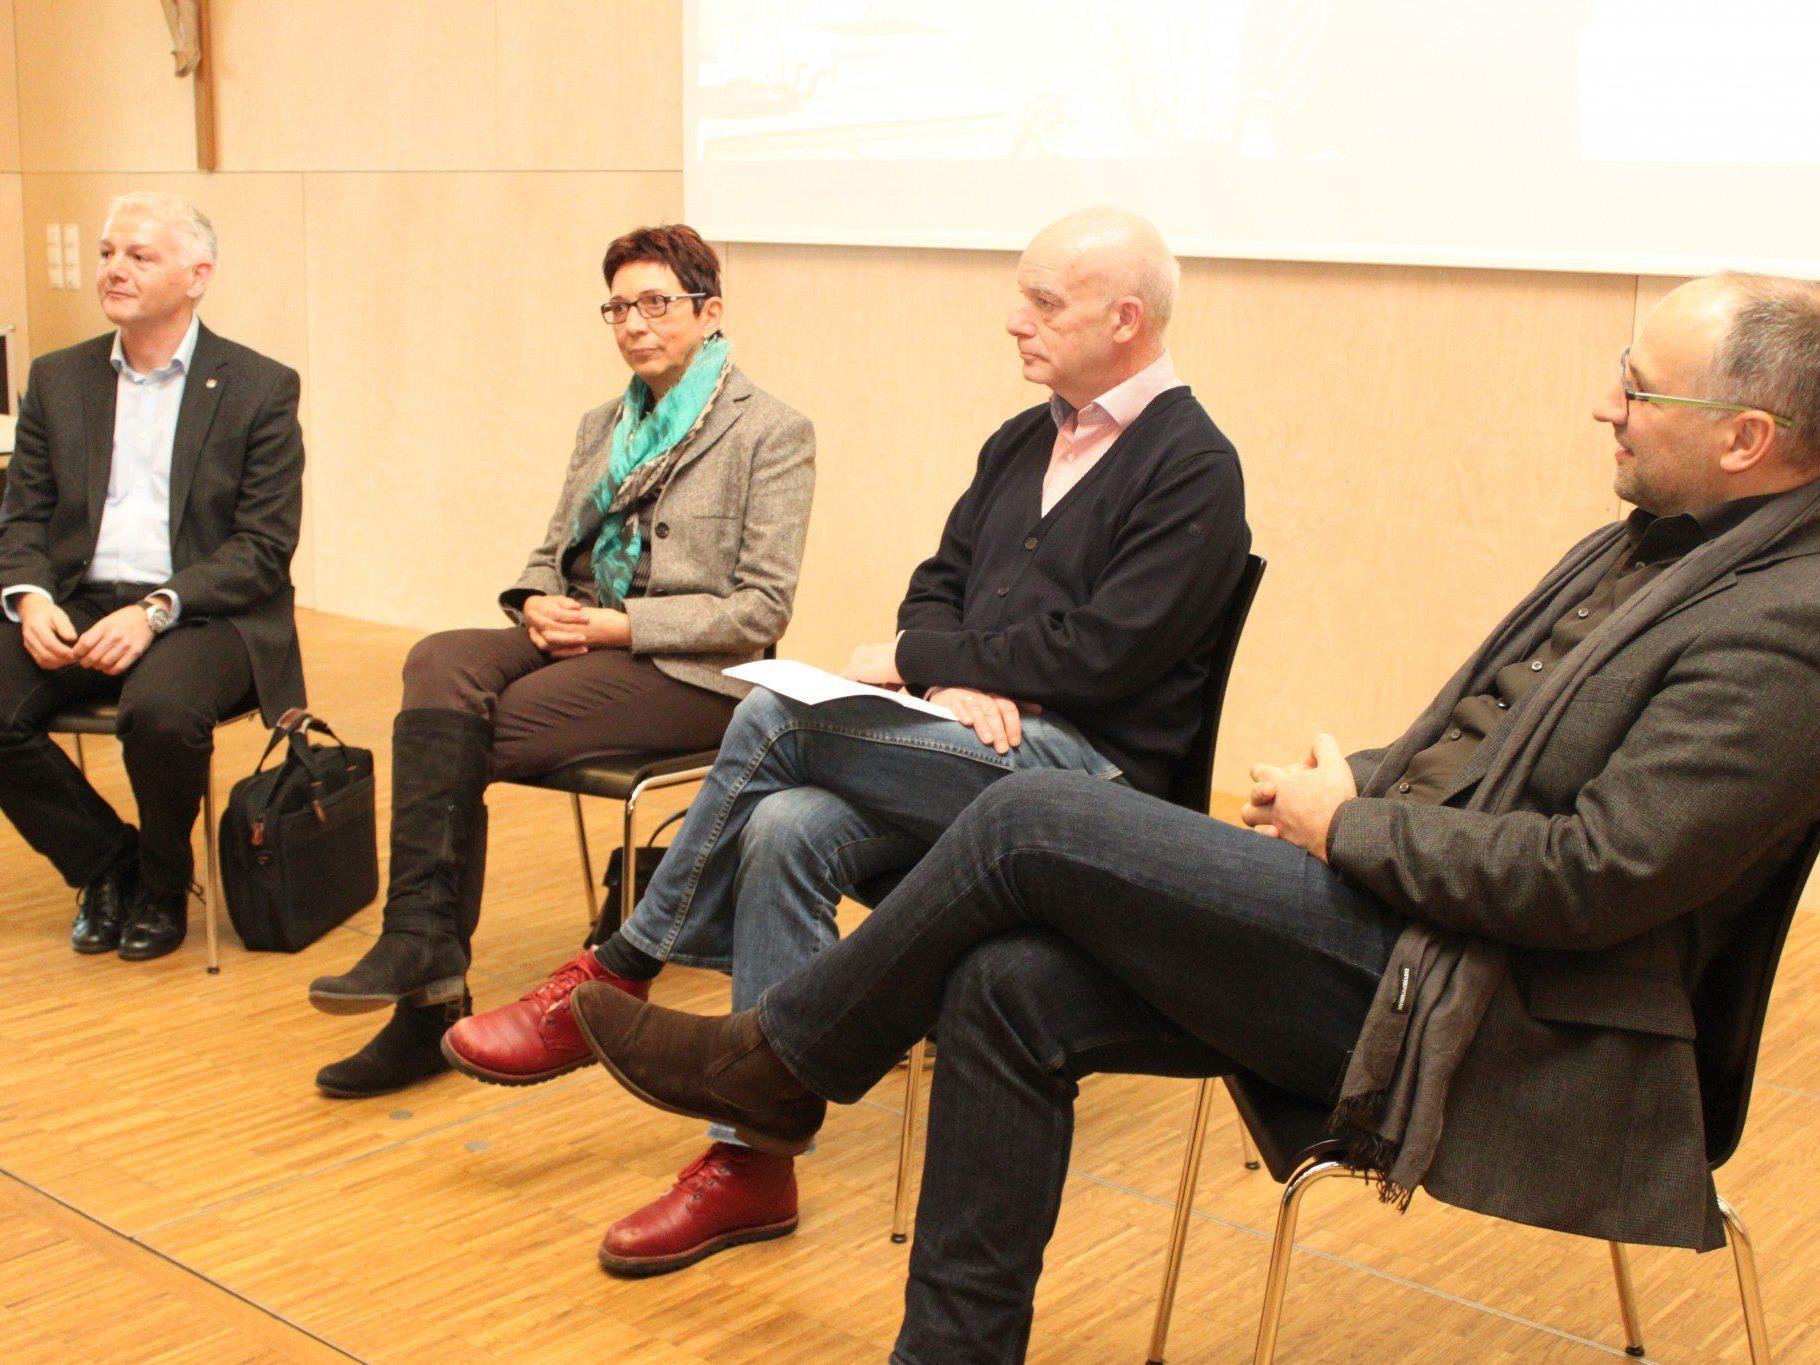 Die Expertenrunde im Gespräch zum Thema.